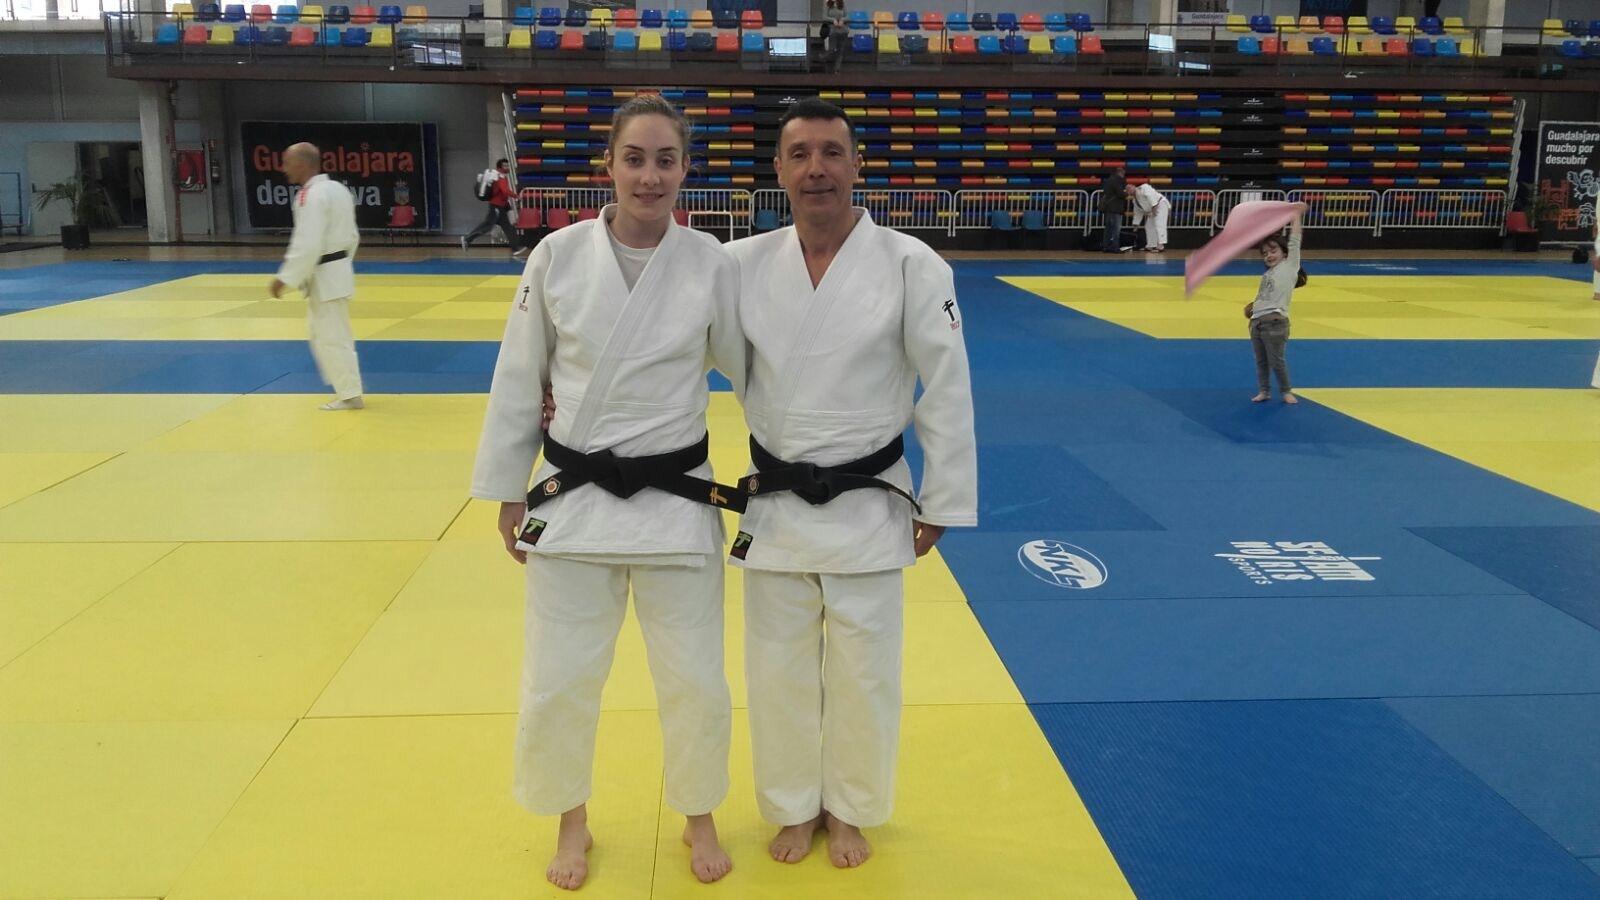 Antonio y Cristina Berrocal en el cto. España de Katas 03/04/16